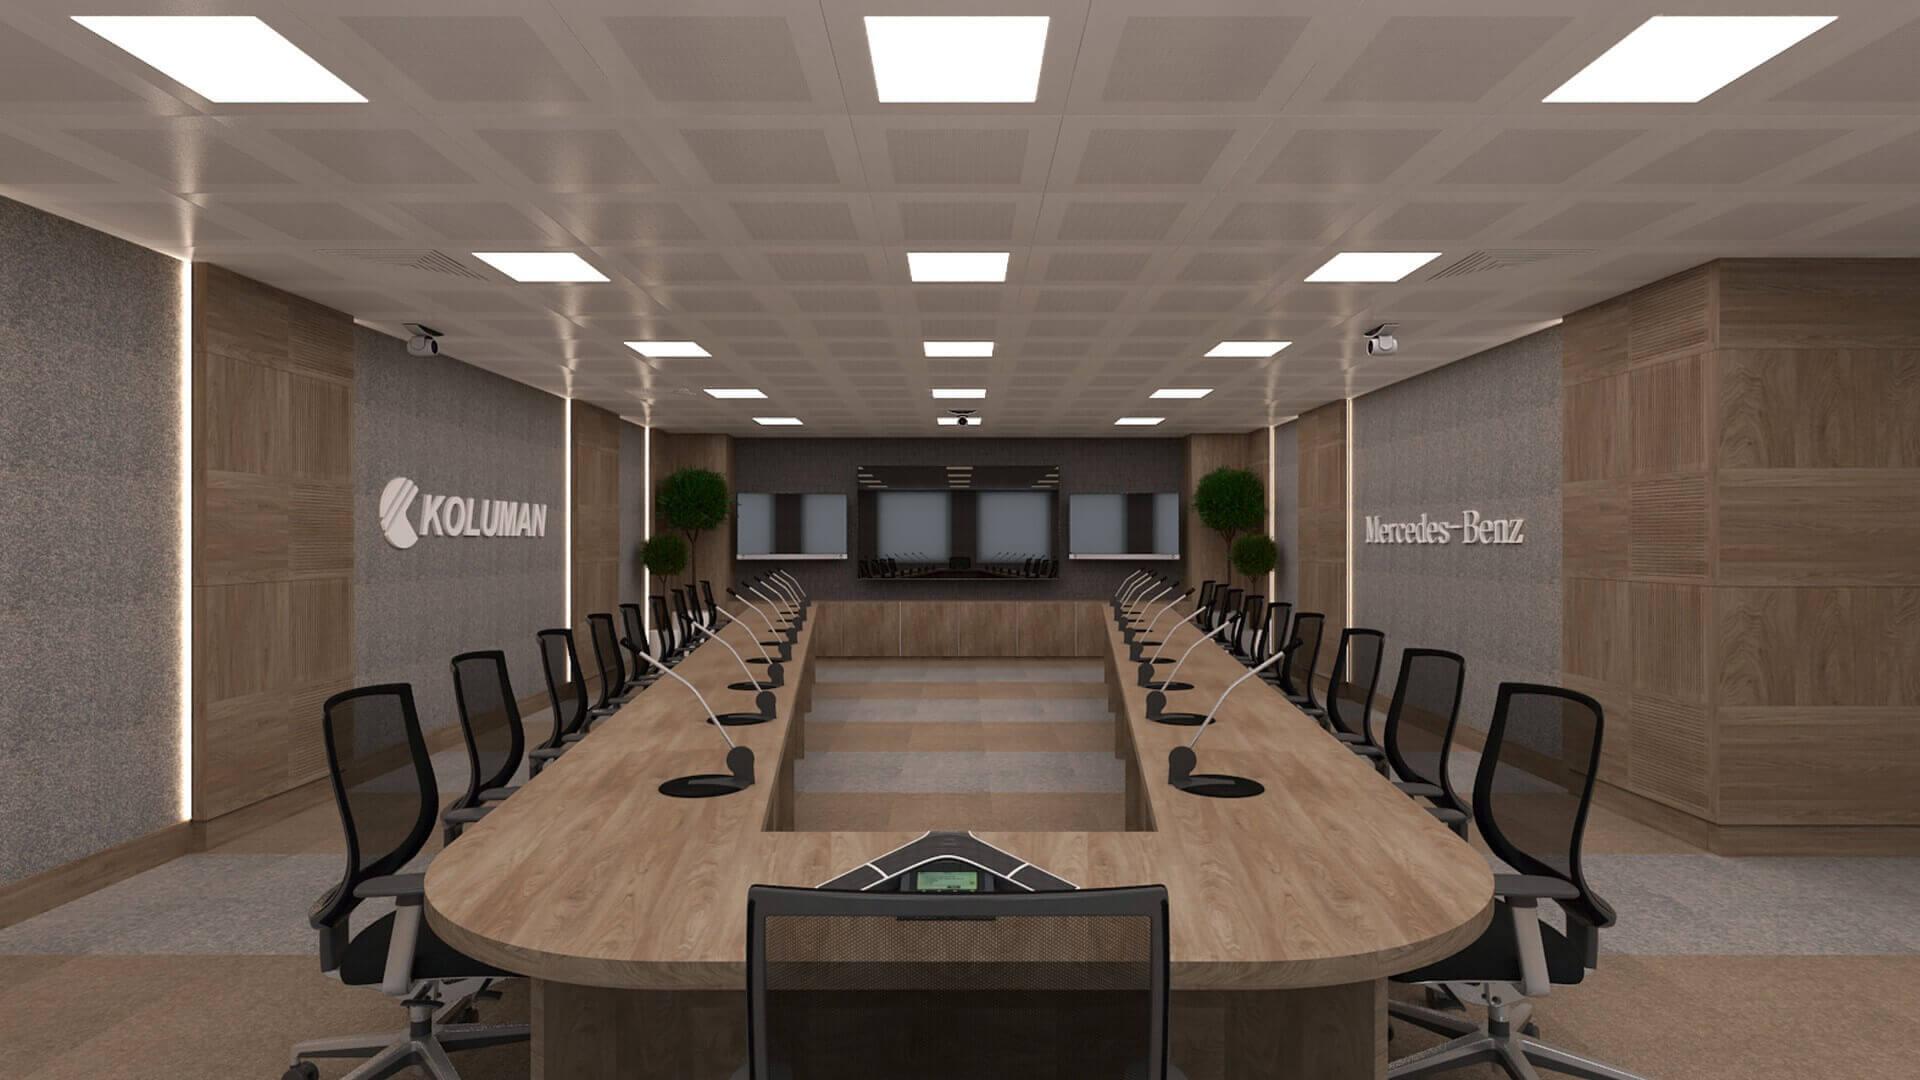 ofis içmimari 2613 Koluman Ankara Ofisler